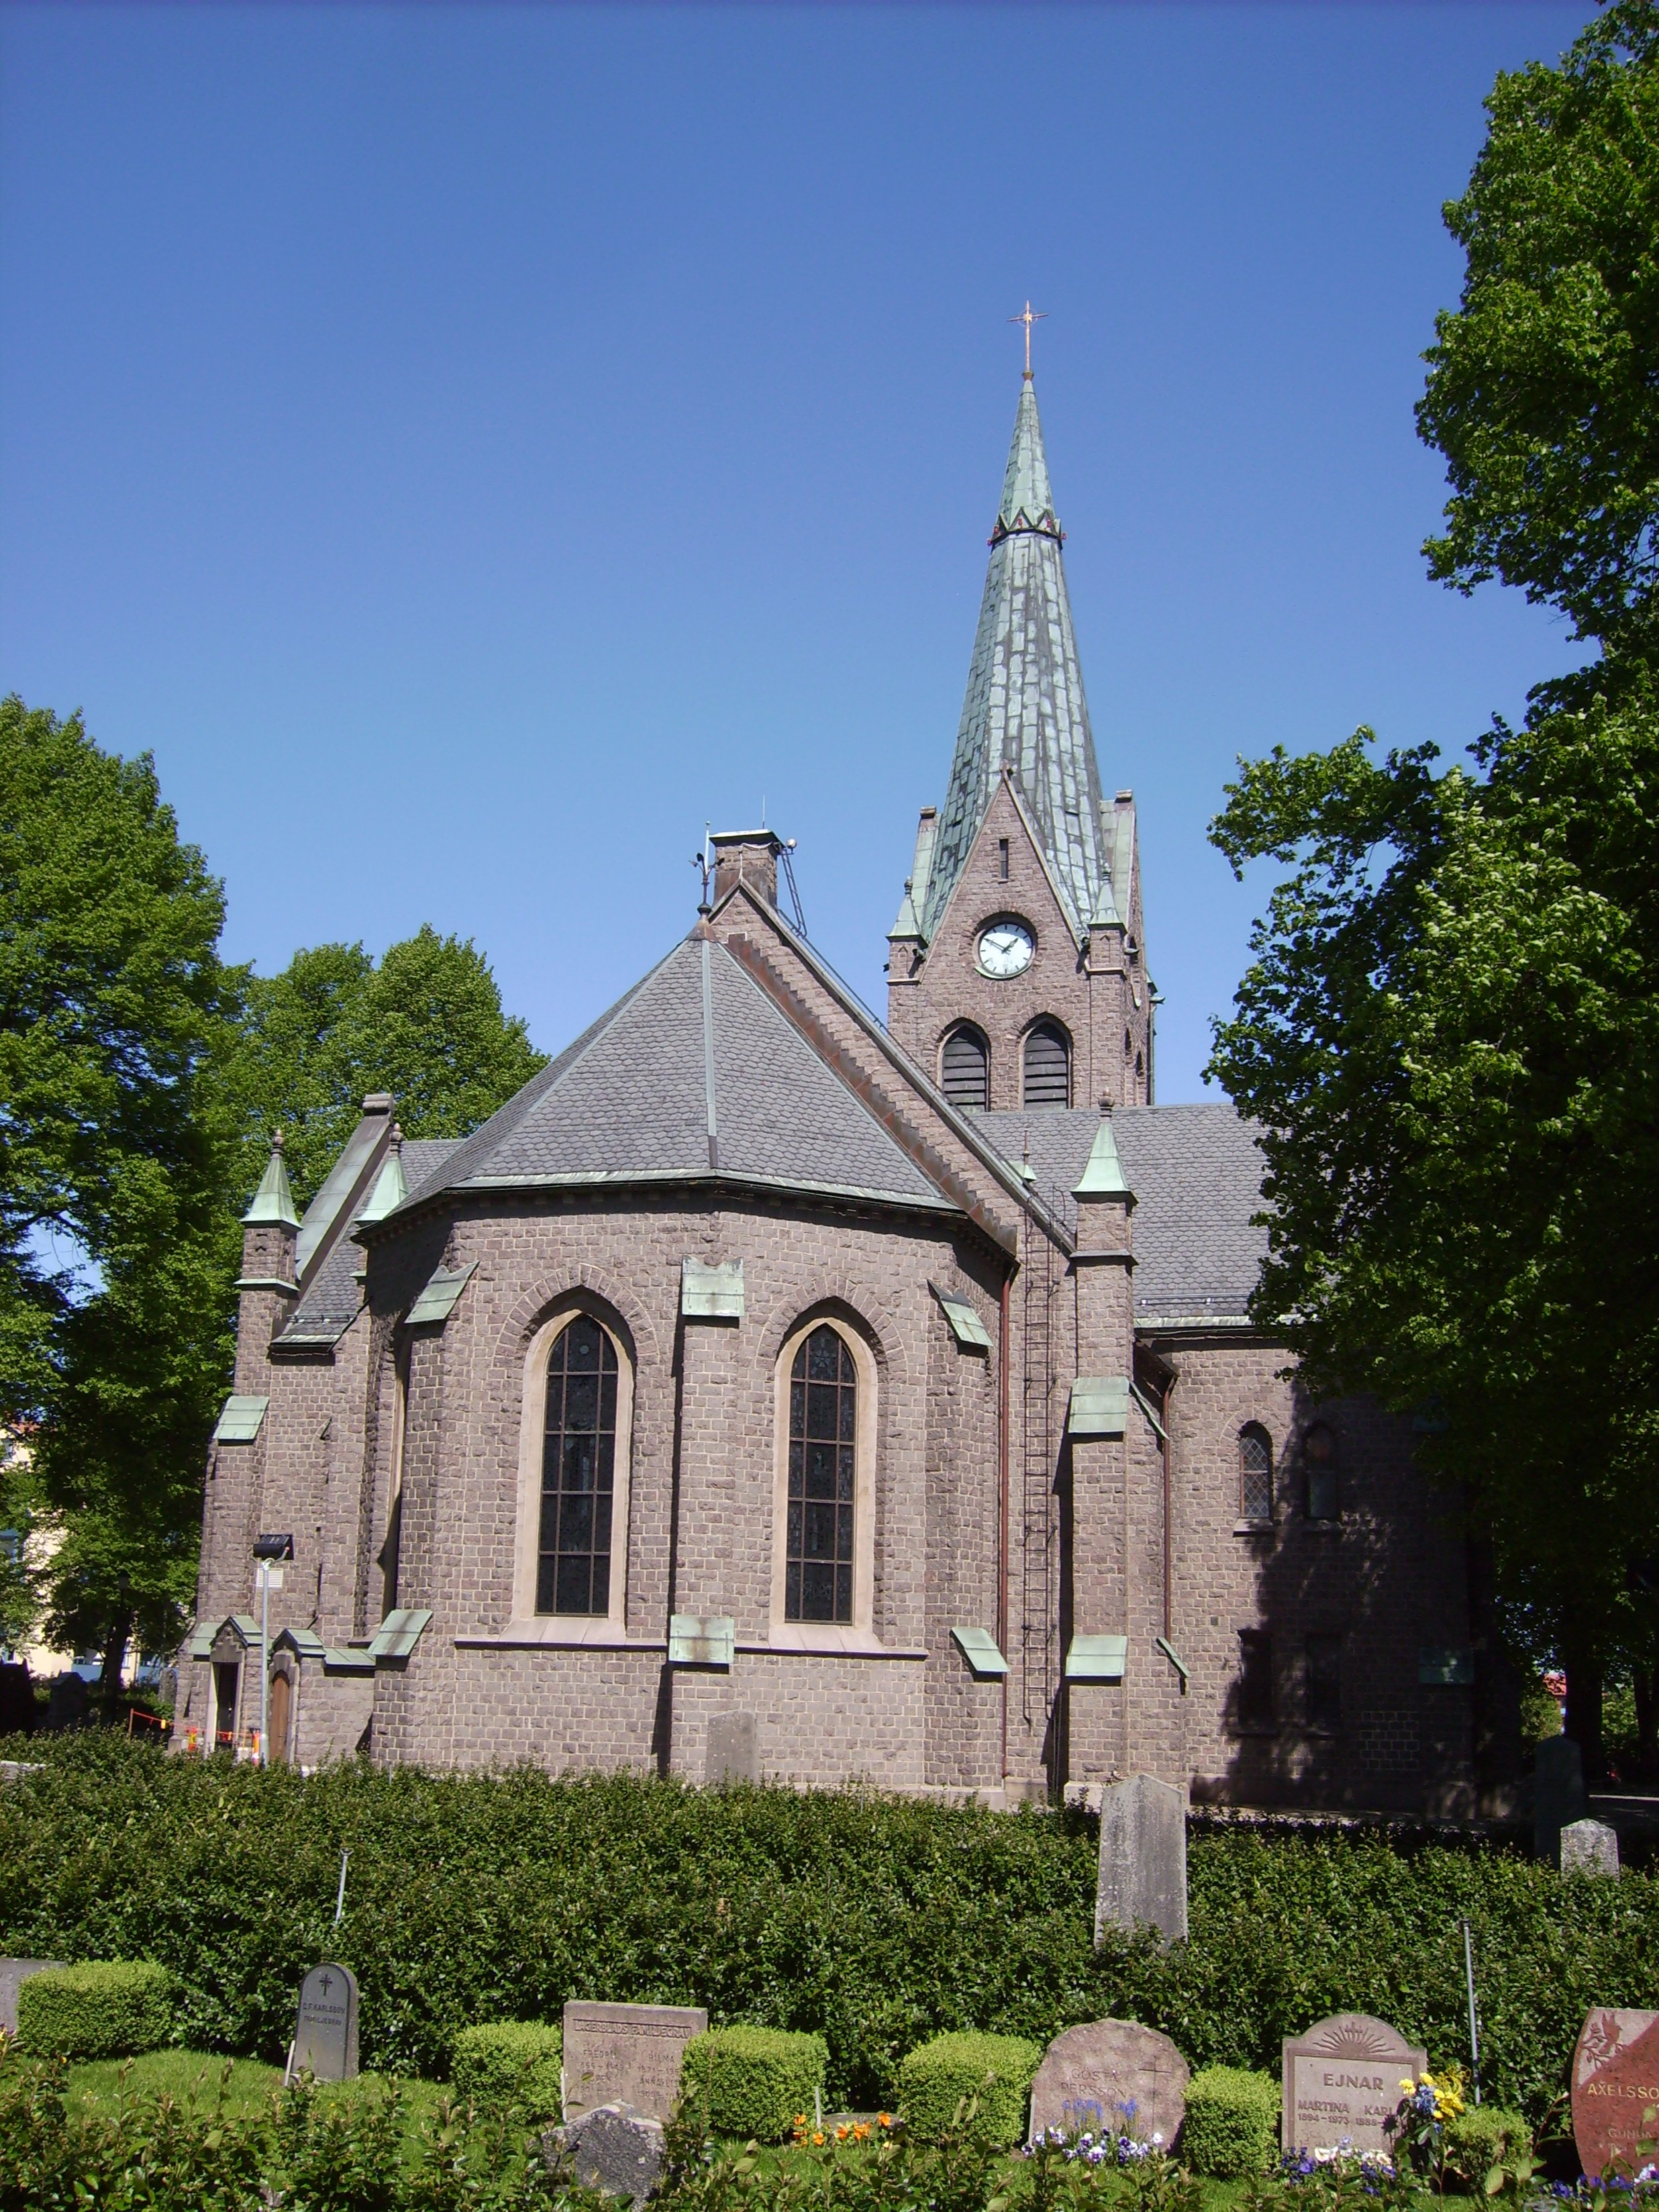 Norrkpings S:t Johannes frsamling Wikipedia